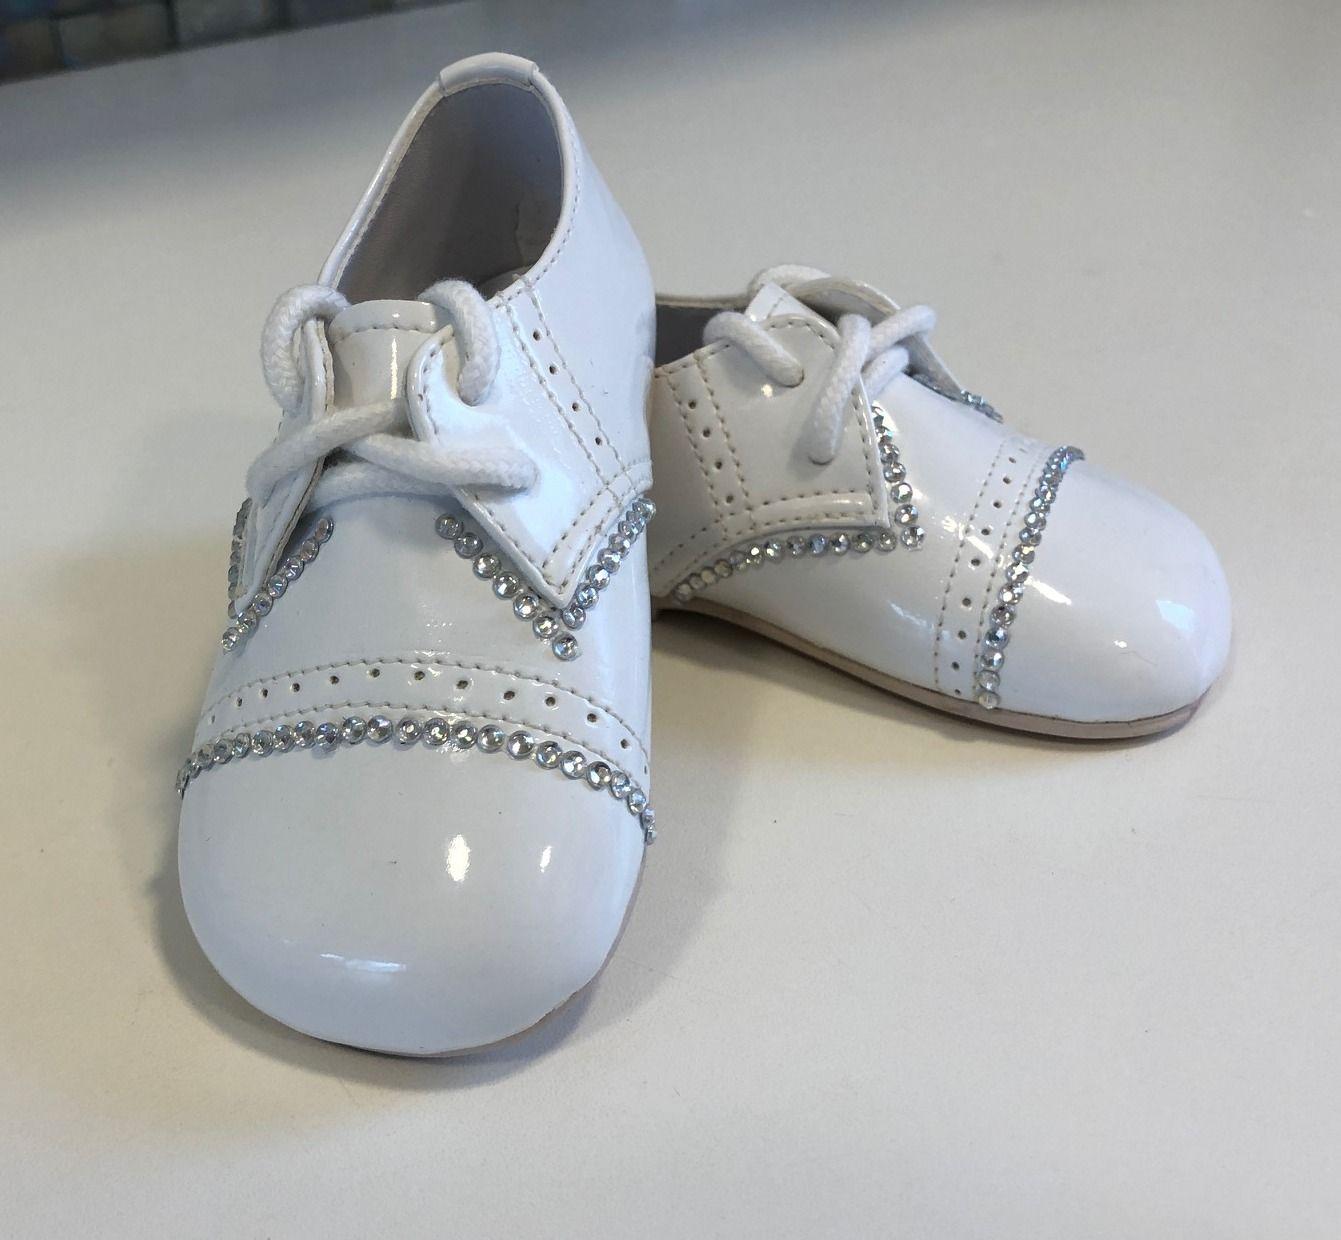 Keresztelő cipő115 8980-Ft.  :